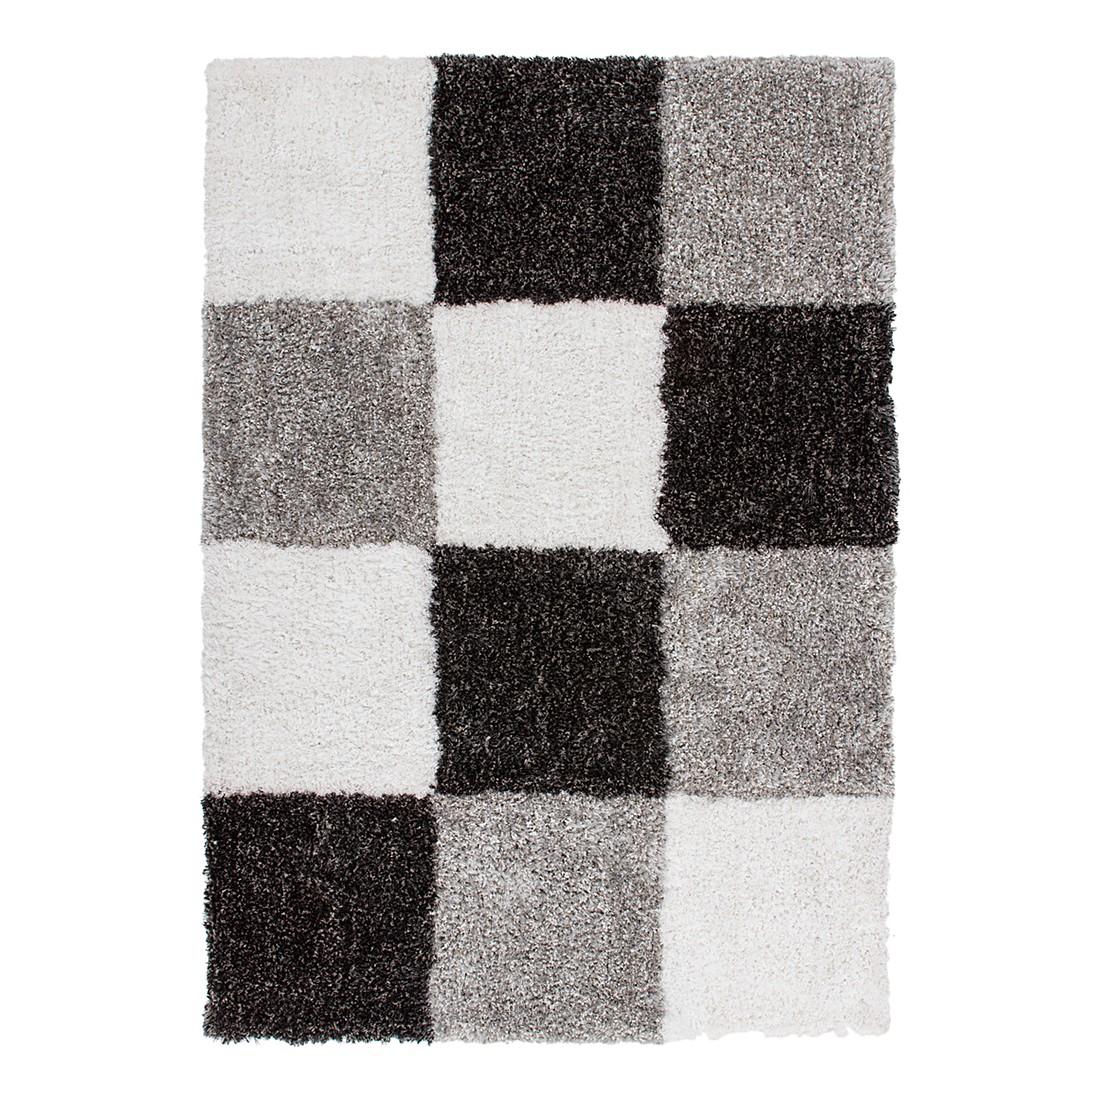 Teppich Tanzania – Kigoma – Grau – 120 x 170 cm, Kayoom jetzt kaufen